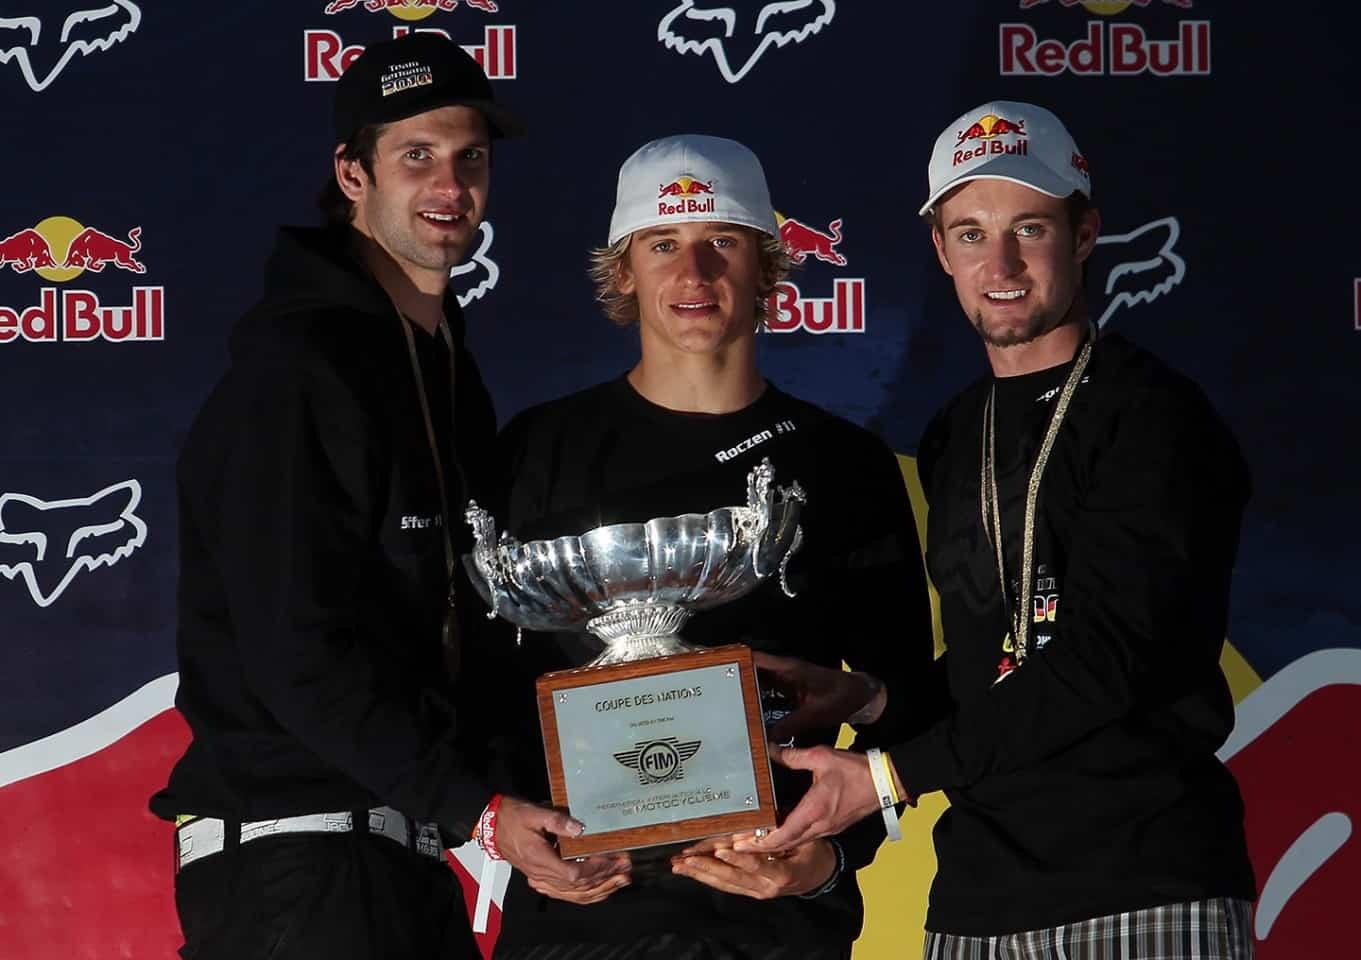 Motocoss of Nations 2010 in Lakewood, Colorado - Marcus Schiffer, Ken Roczen und Max Nagl mit dem Pokal für den dritten Rang